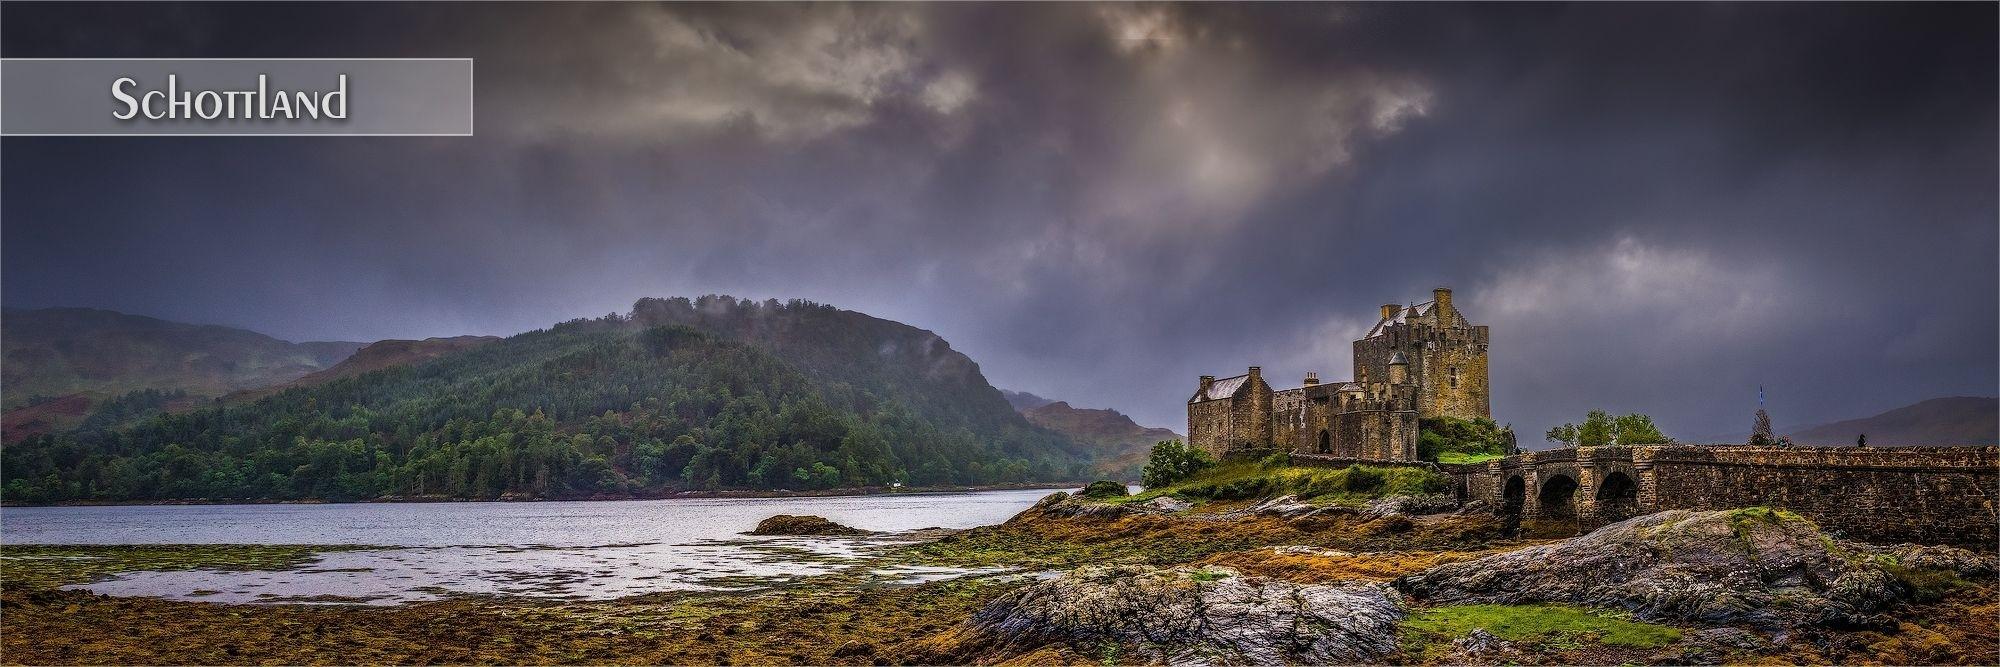 Bilder aus Schottland als Wandbild oder Küchenrückwand